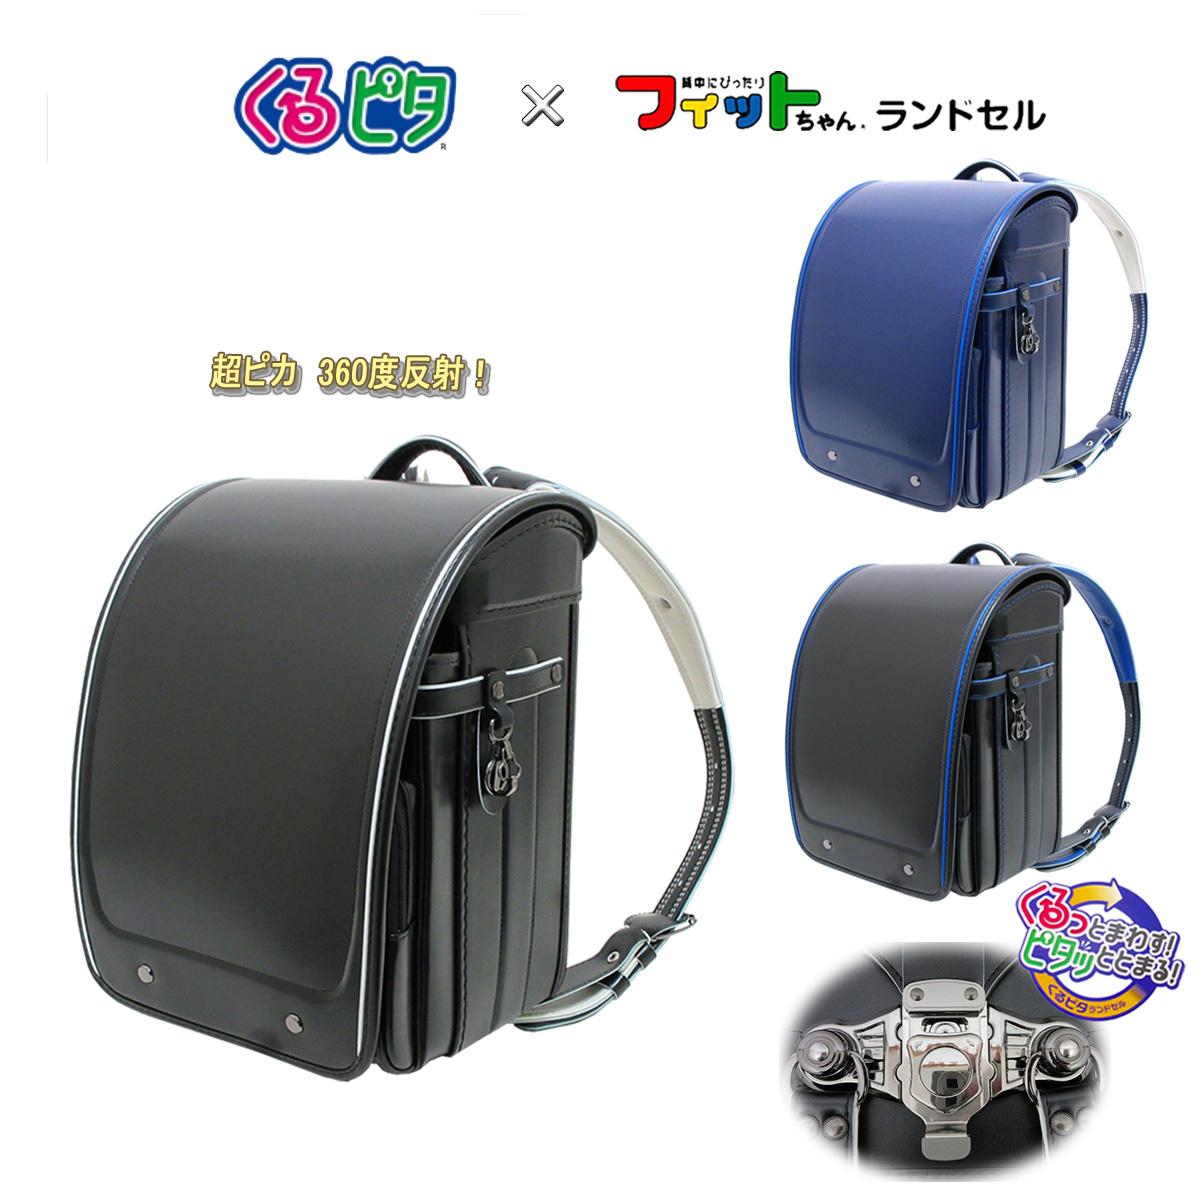 2021年度 ランドセル 男の子 ボーイズ KURUPITA くるピタ フィットちゃん 超ピカ キューブ型 1KR2598K MADE IN JAPAN(日本製)